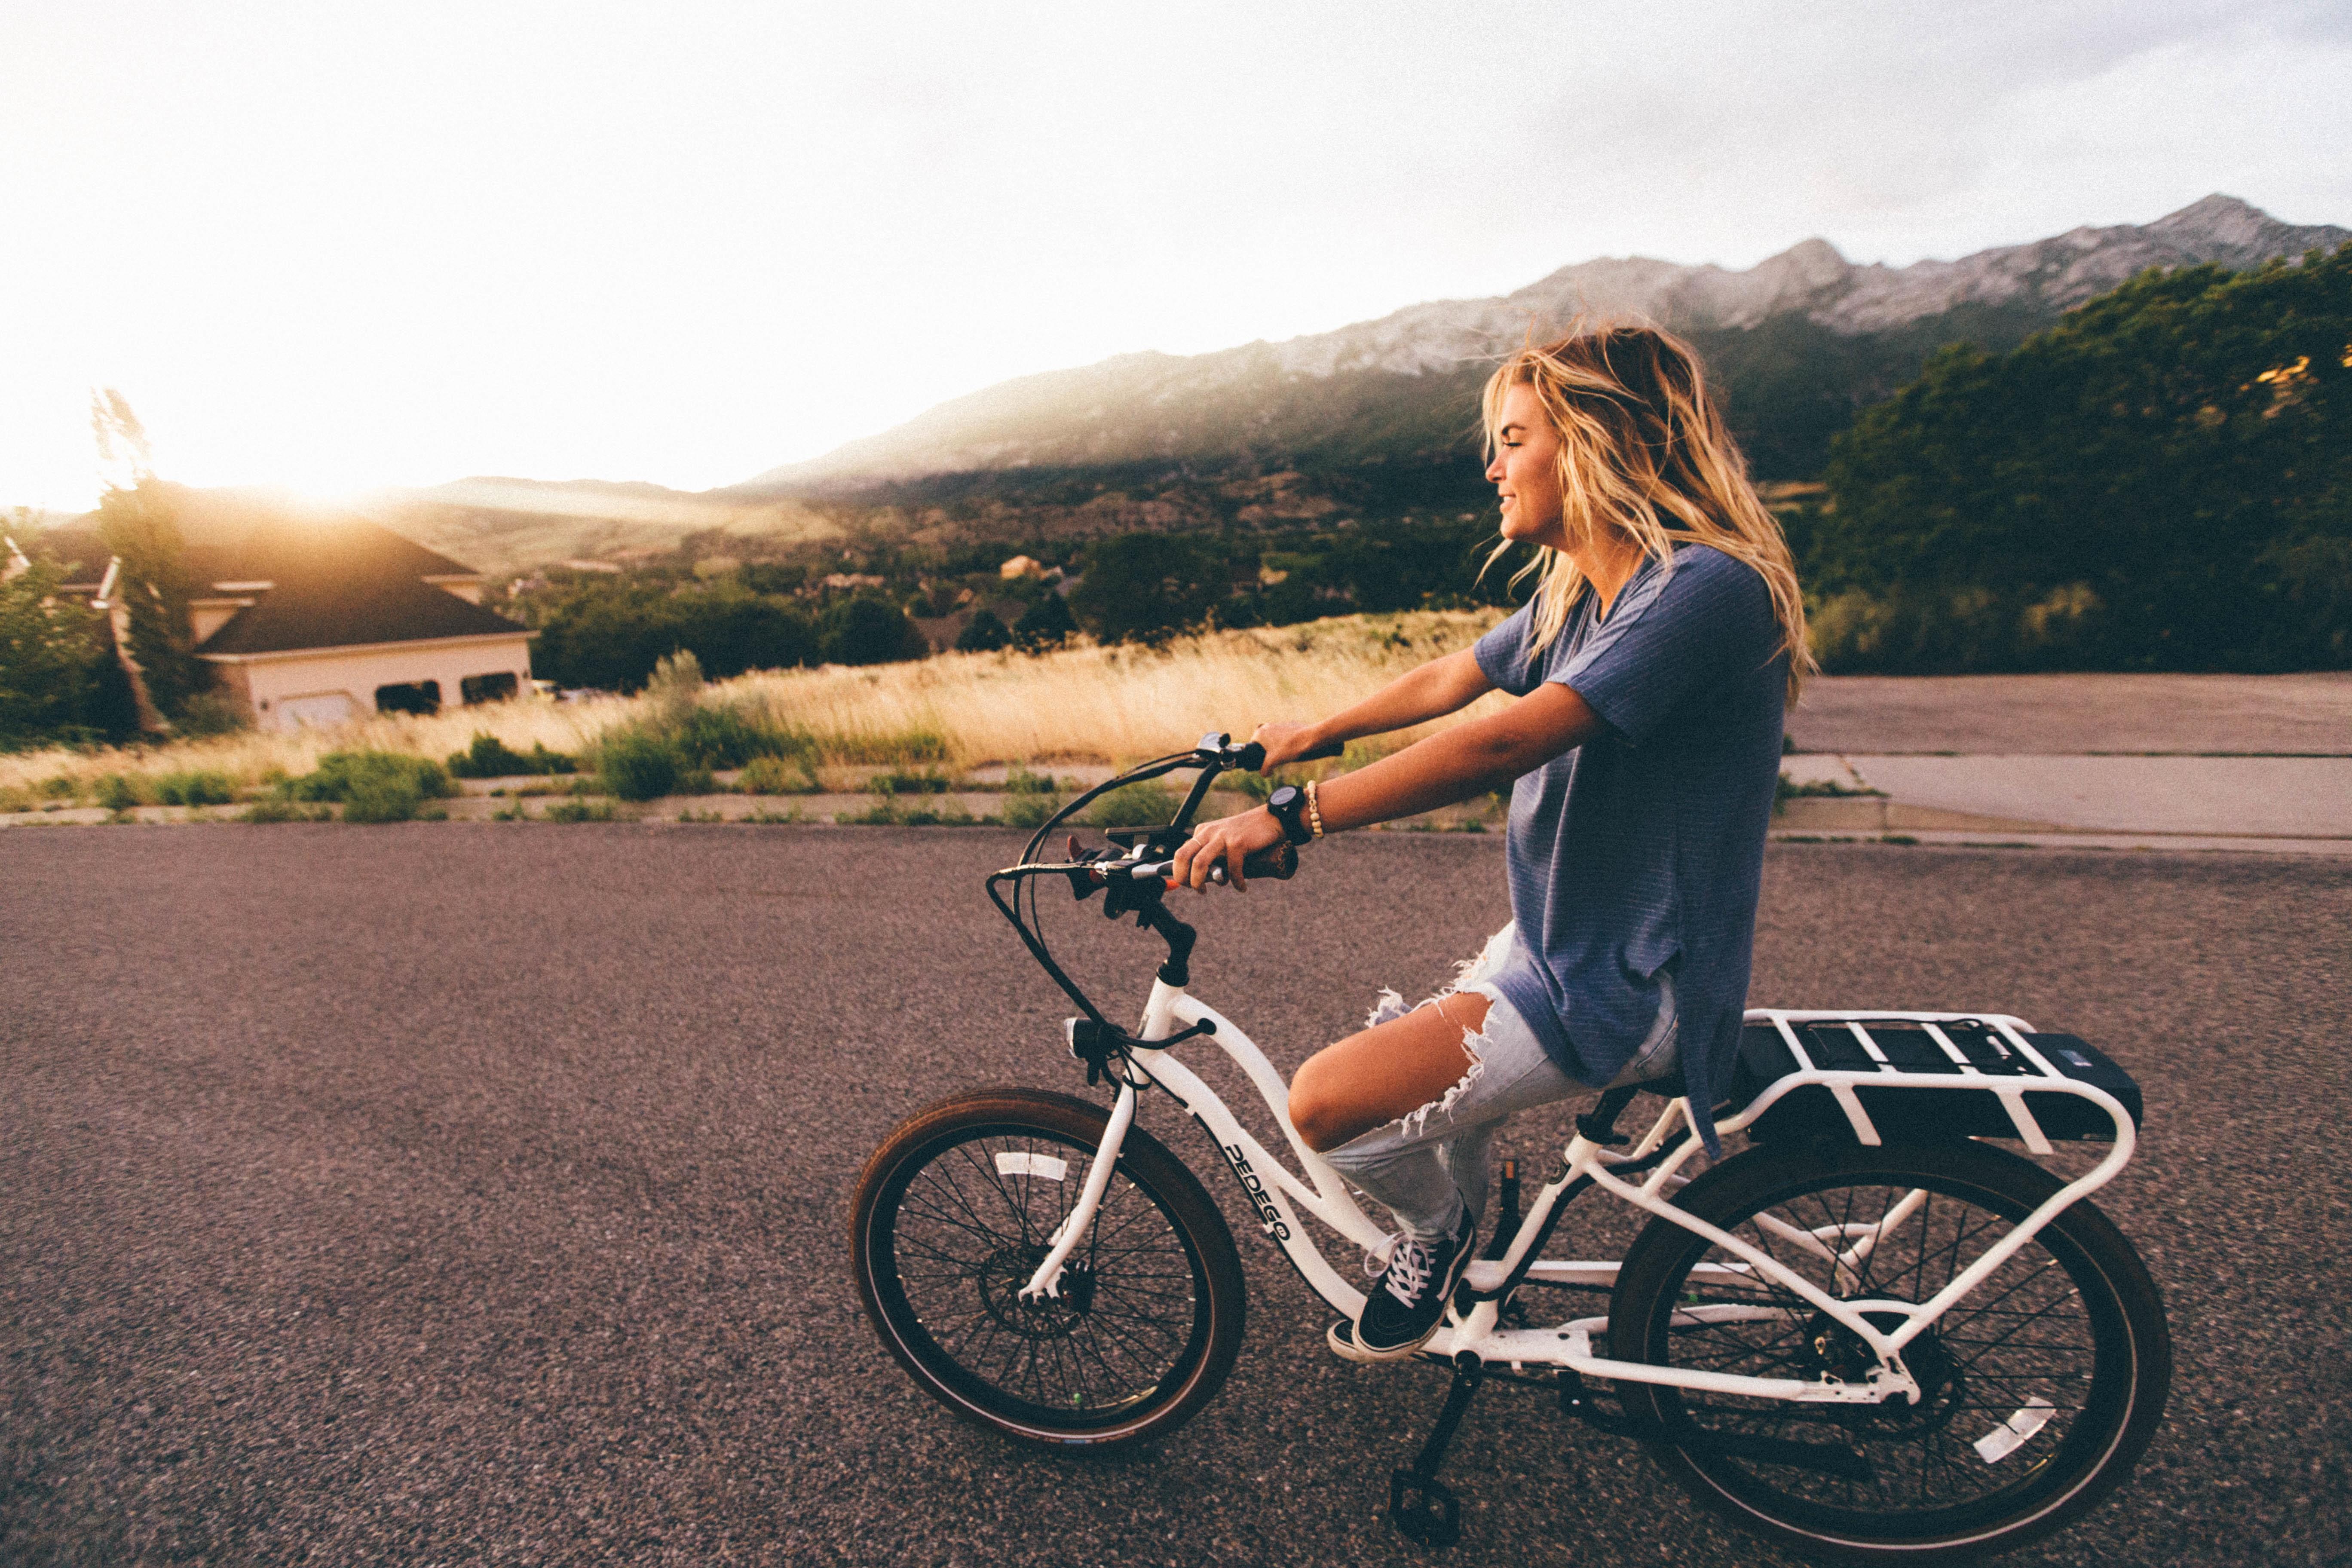 The Bike Ride, Bike, Cycle, Cyclist, Fit, HQ Photo